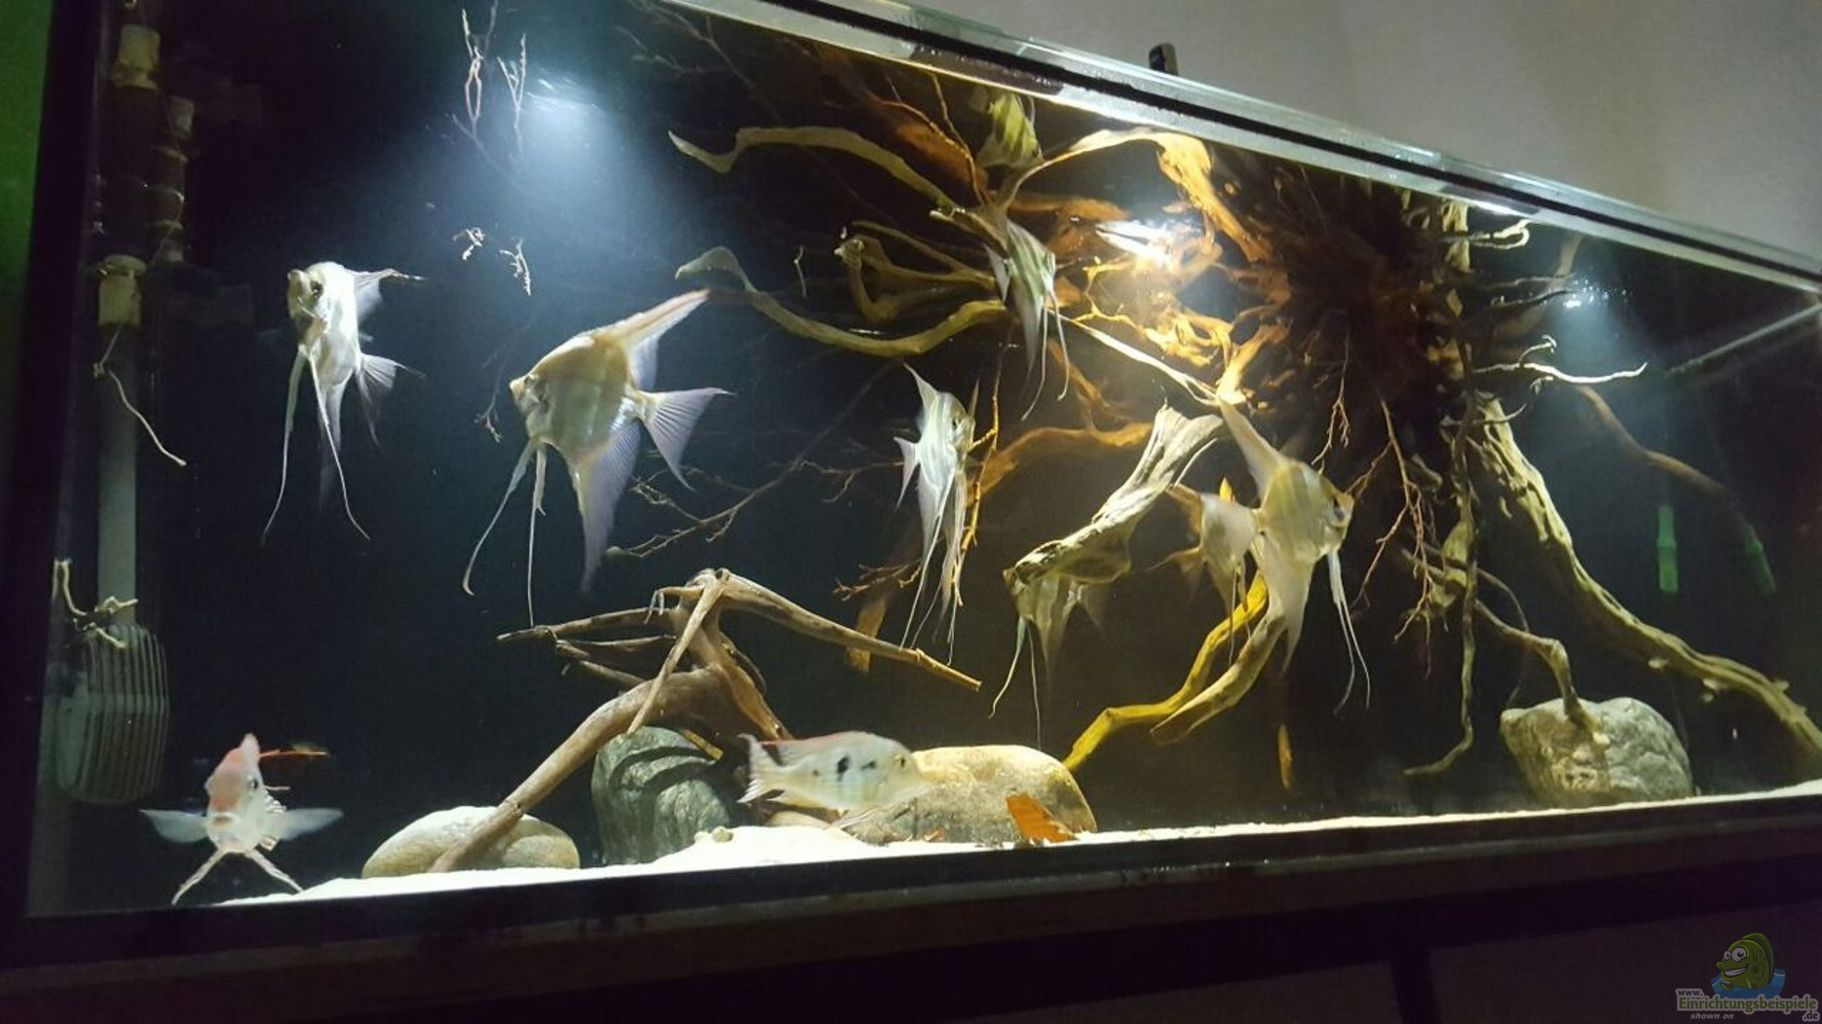 Aquarium von Der Fischer  1000l Altum Biotop